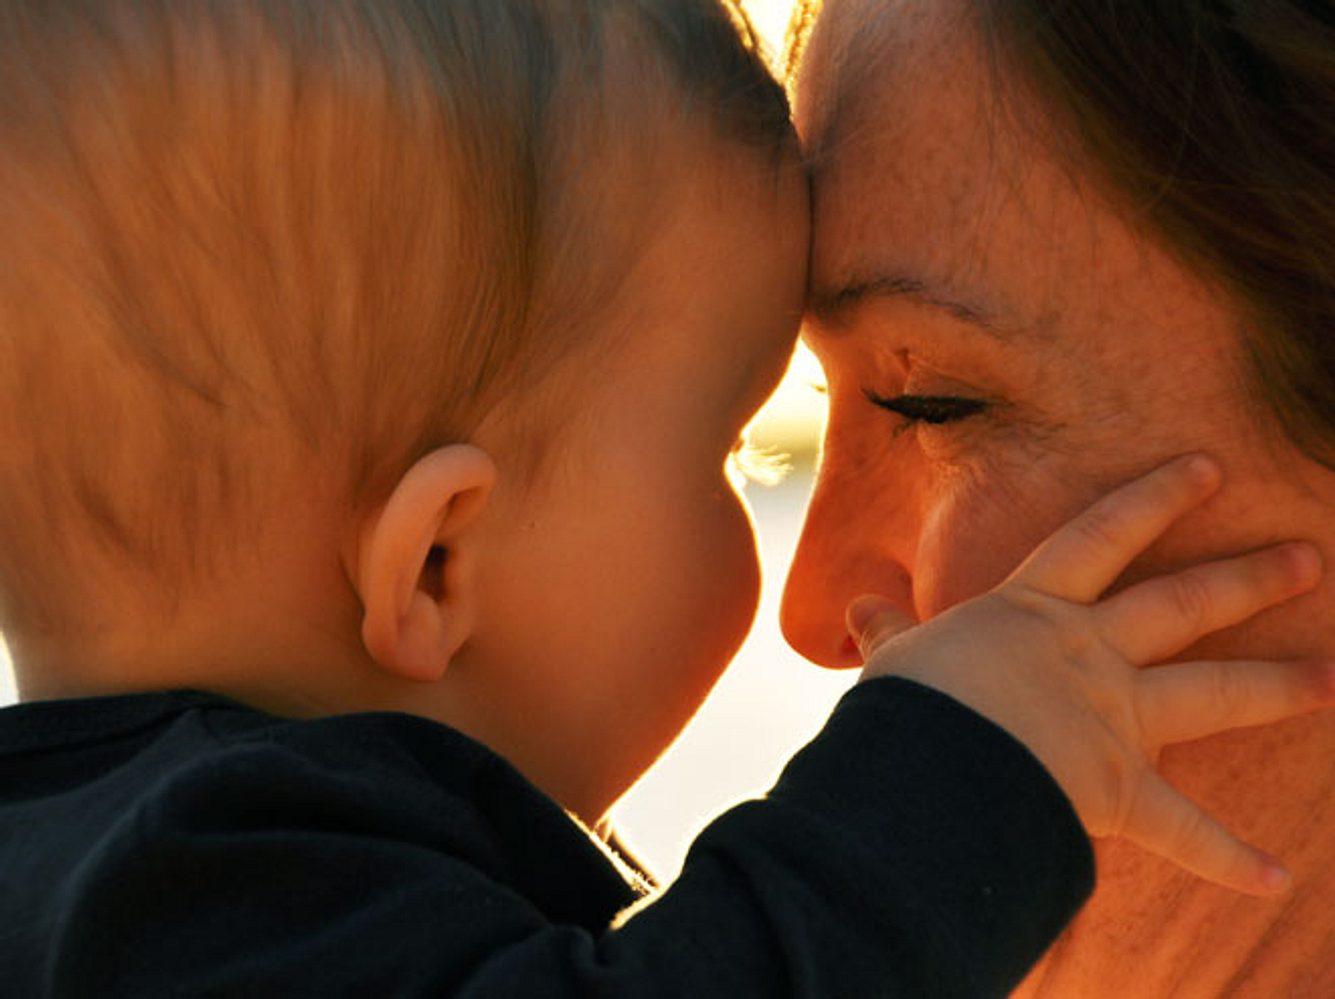 Die Liebe zwischen Mutter und Kind ist unvergleich.